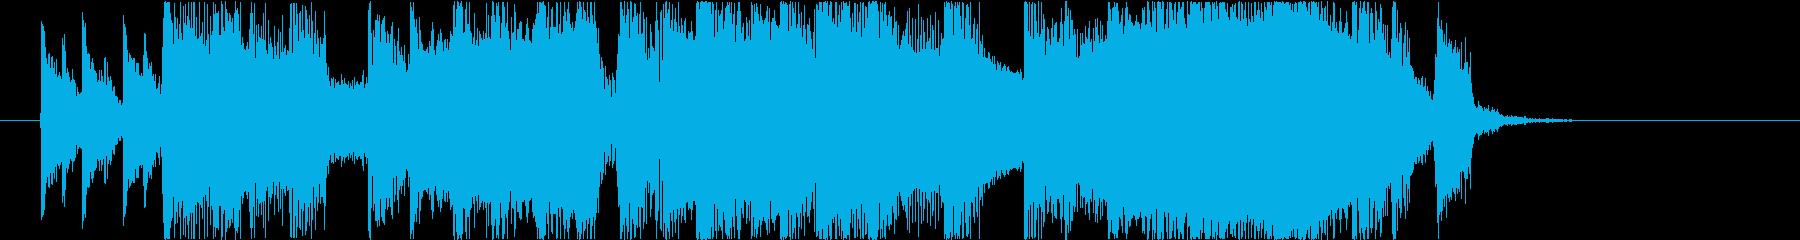 【南国効果音】砂浜を走るの再生済みの波形